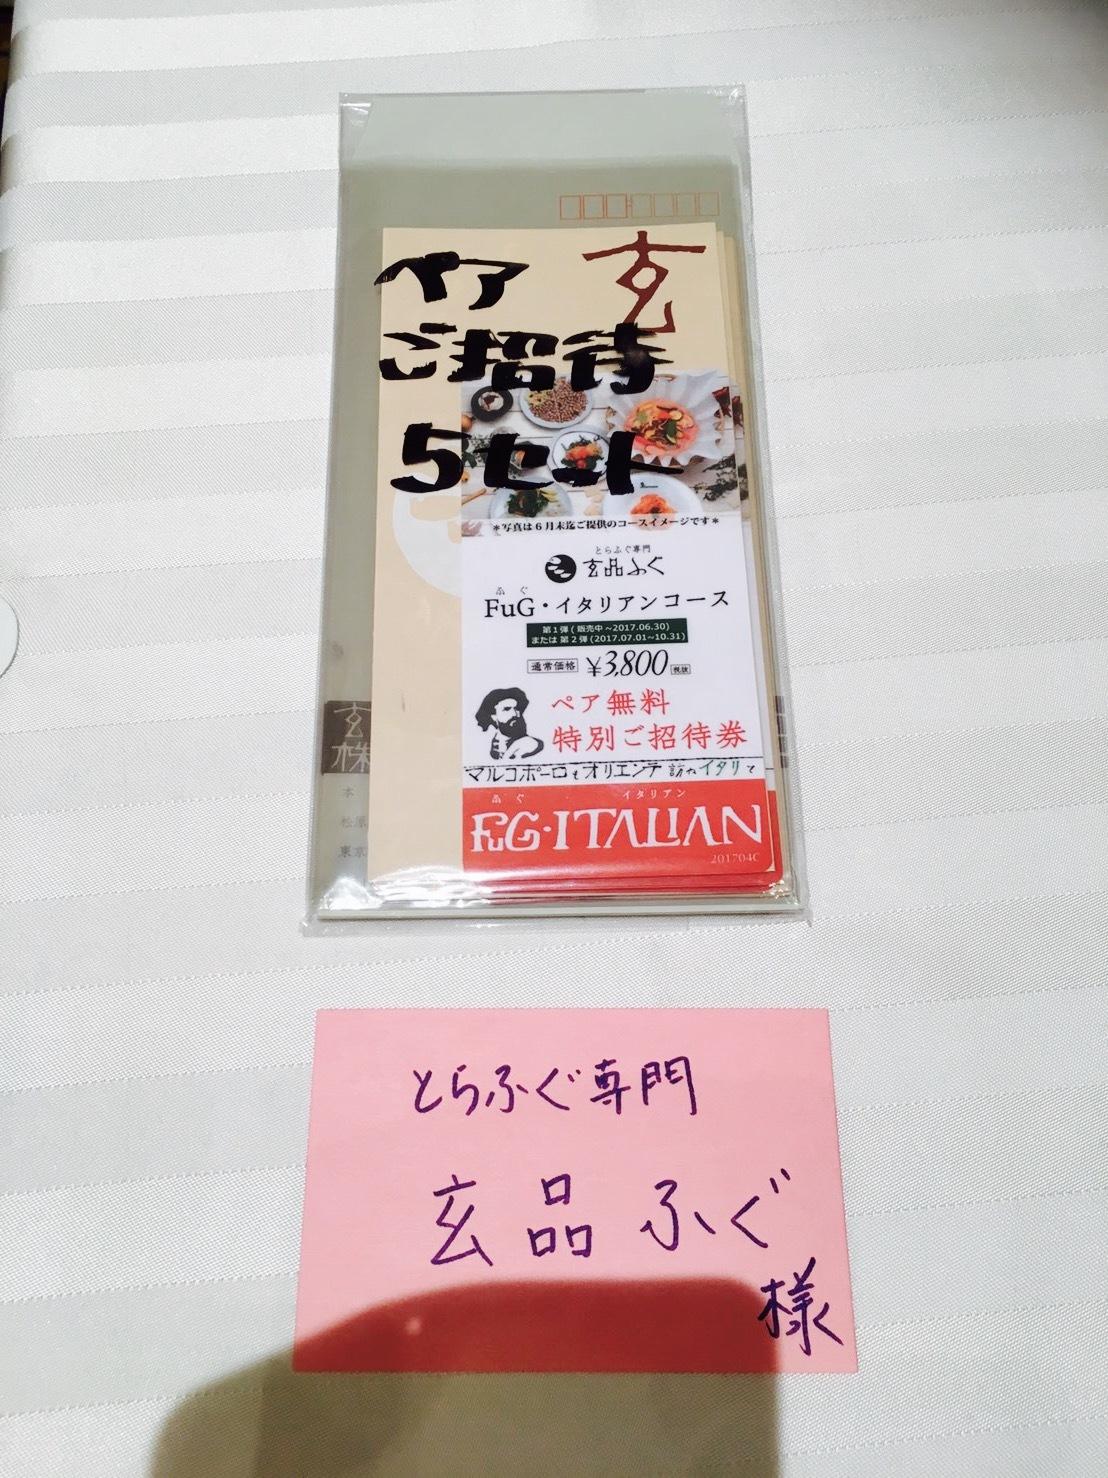 第6回 One Loveチャリティパーティ 協賛の御礼_a0149478_12235646.jpg